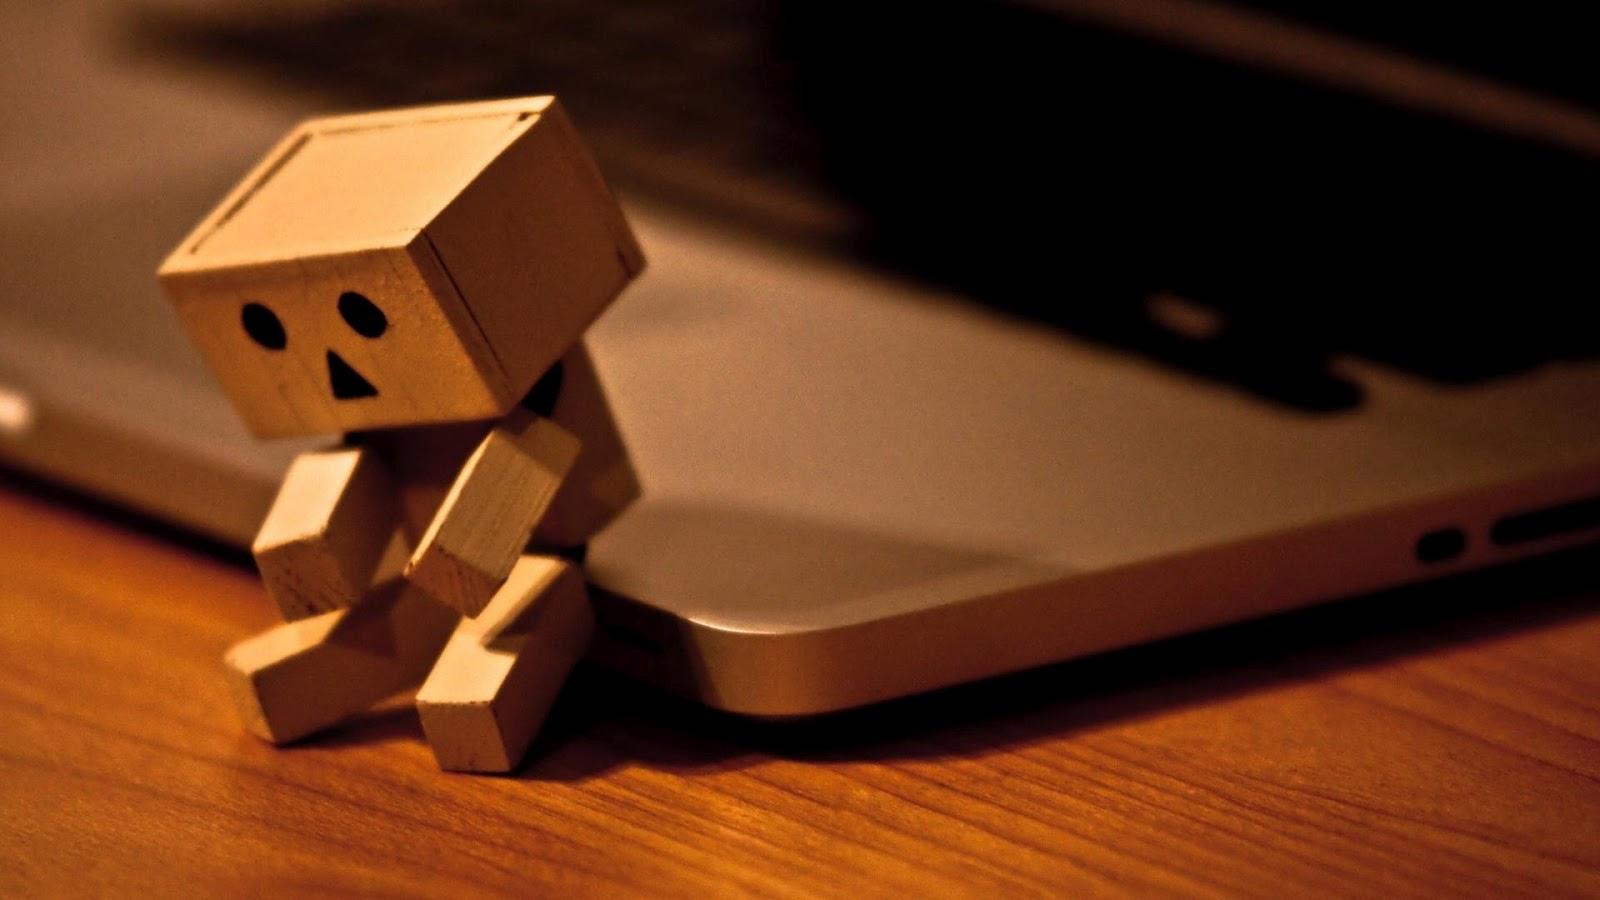 http://1.bp.blogspot.com/-nGomG_C48Ik/UB56vxoE3FI/AAAAAAAAFB4/NbU0F4-SjqE/s1600/Sad_Danbo_Wallpaper_5.jpg